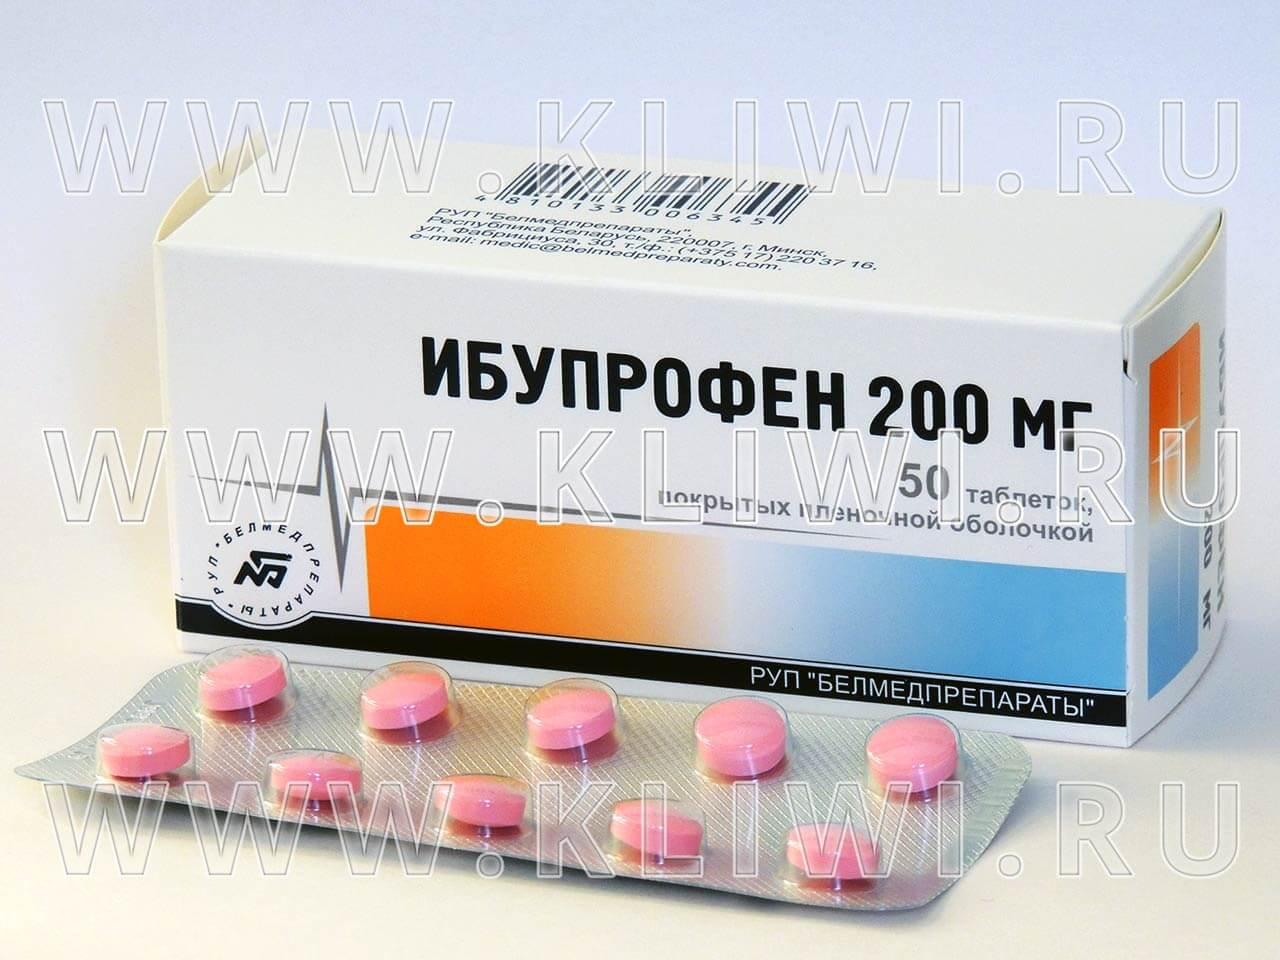 Ибупрофен для взрослых